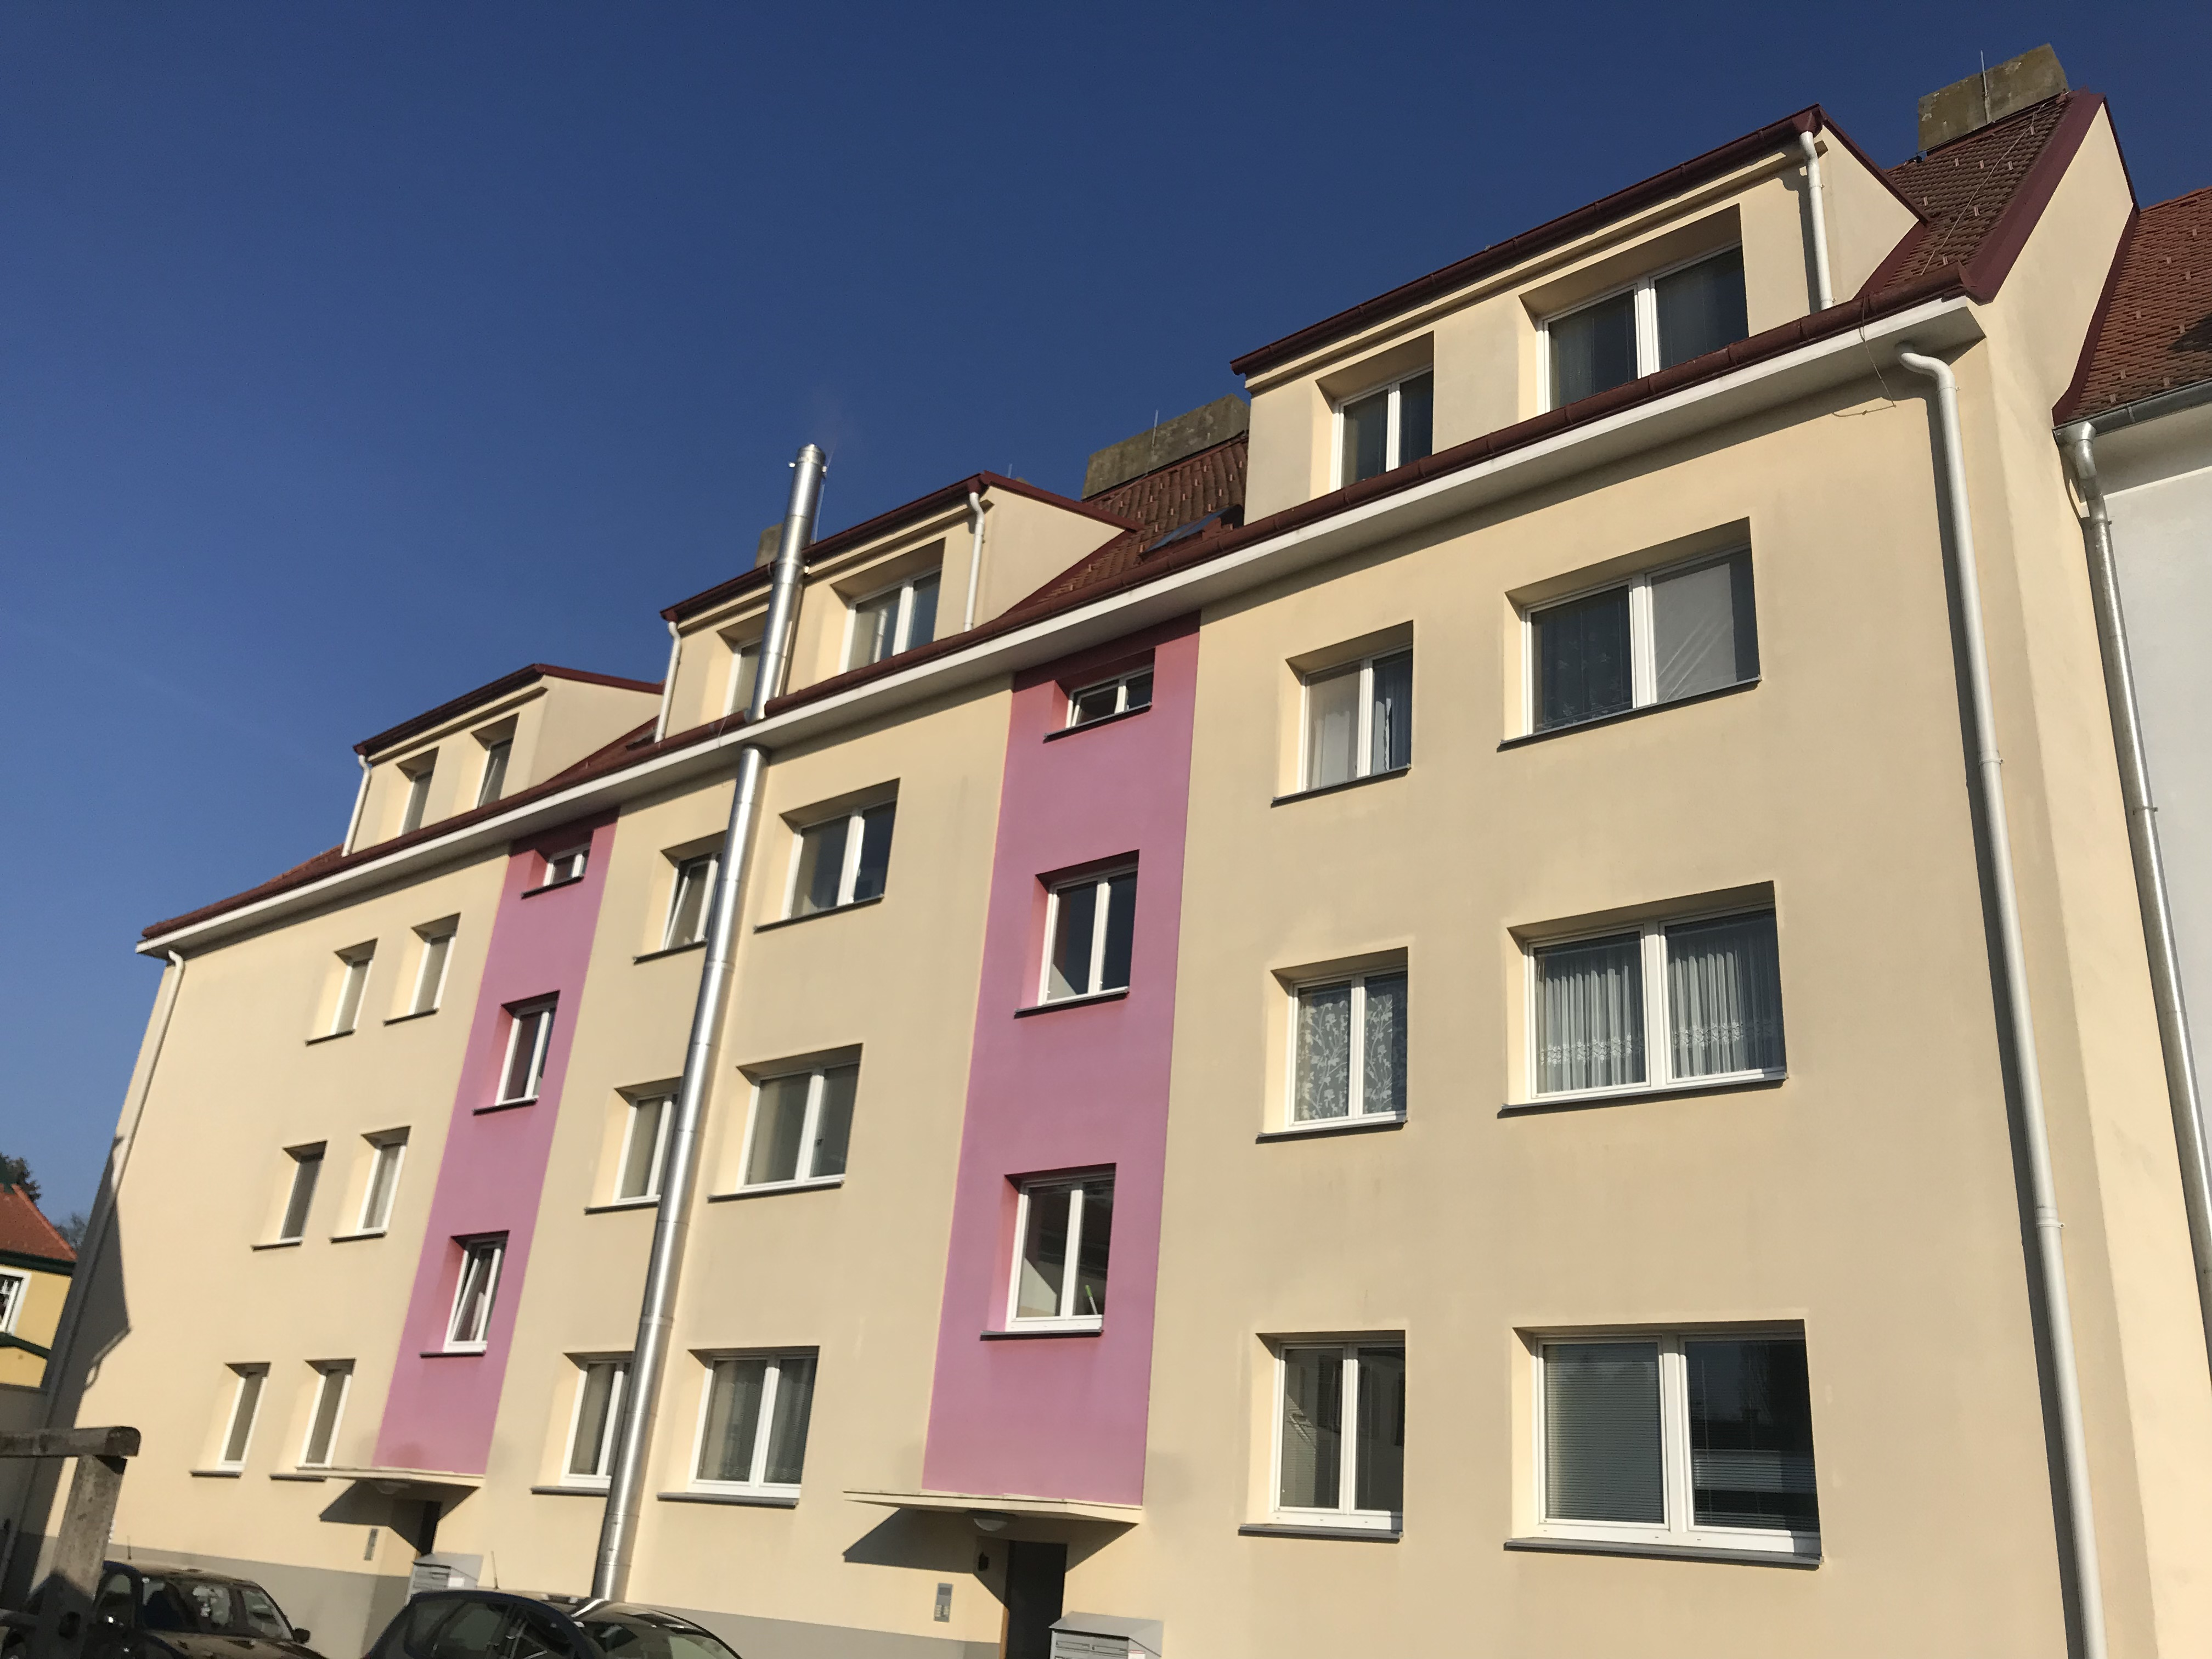 Dreikreuzweg 3,3a